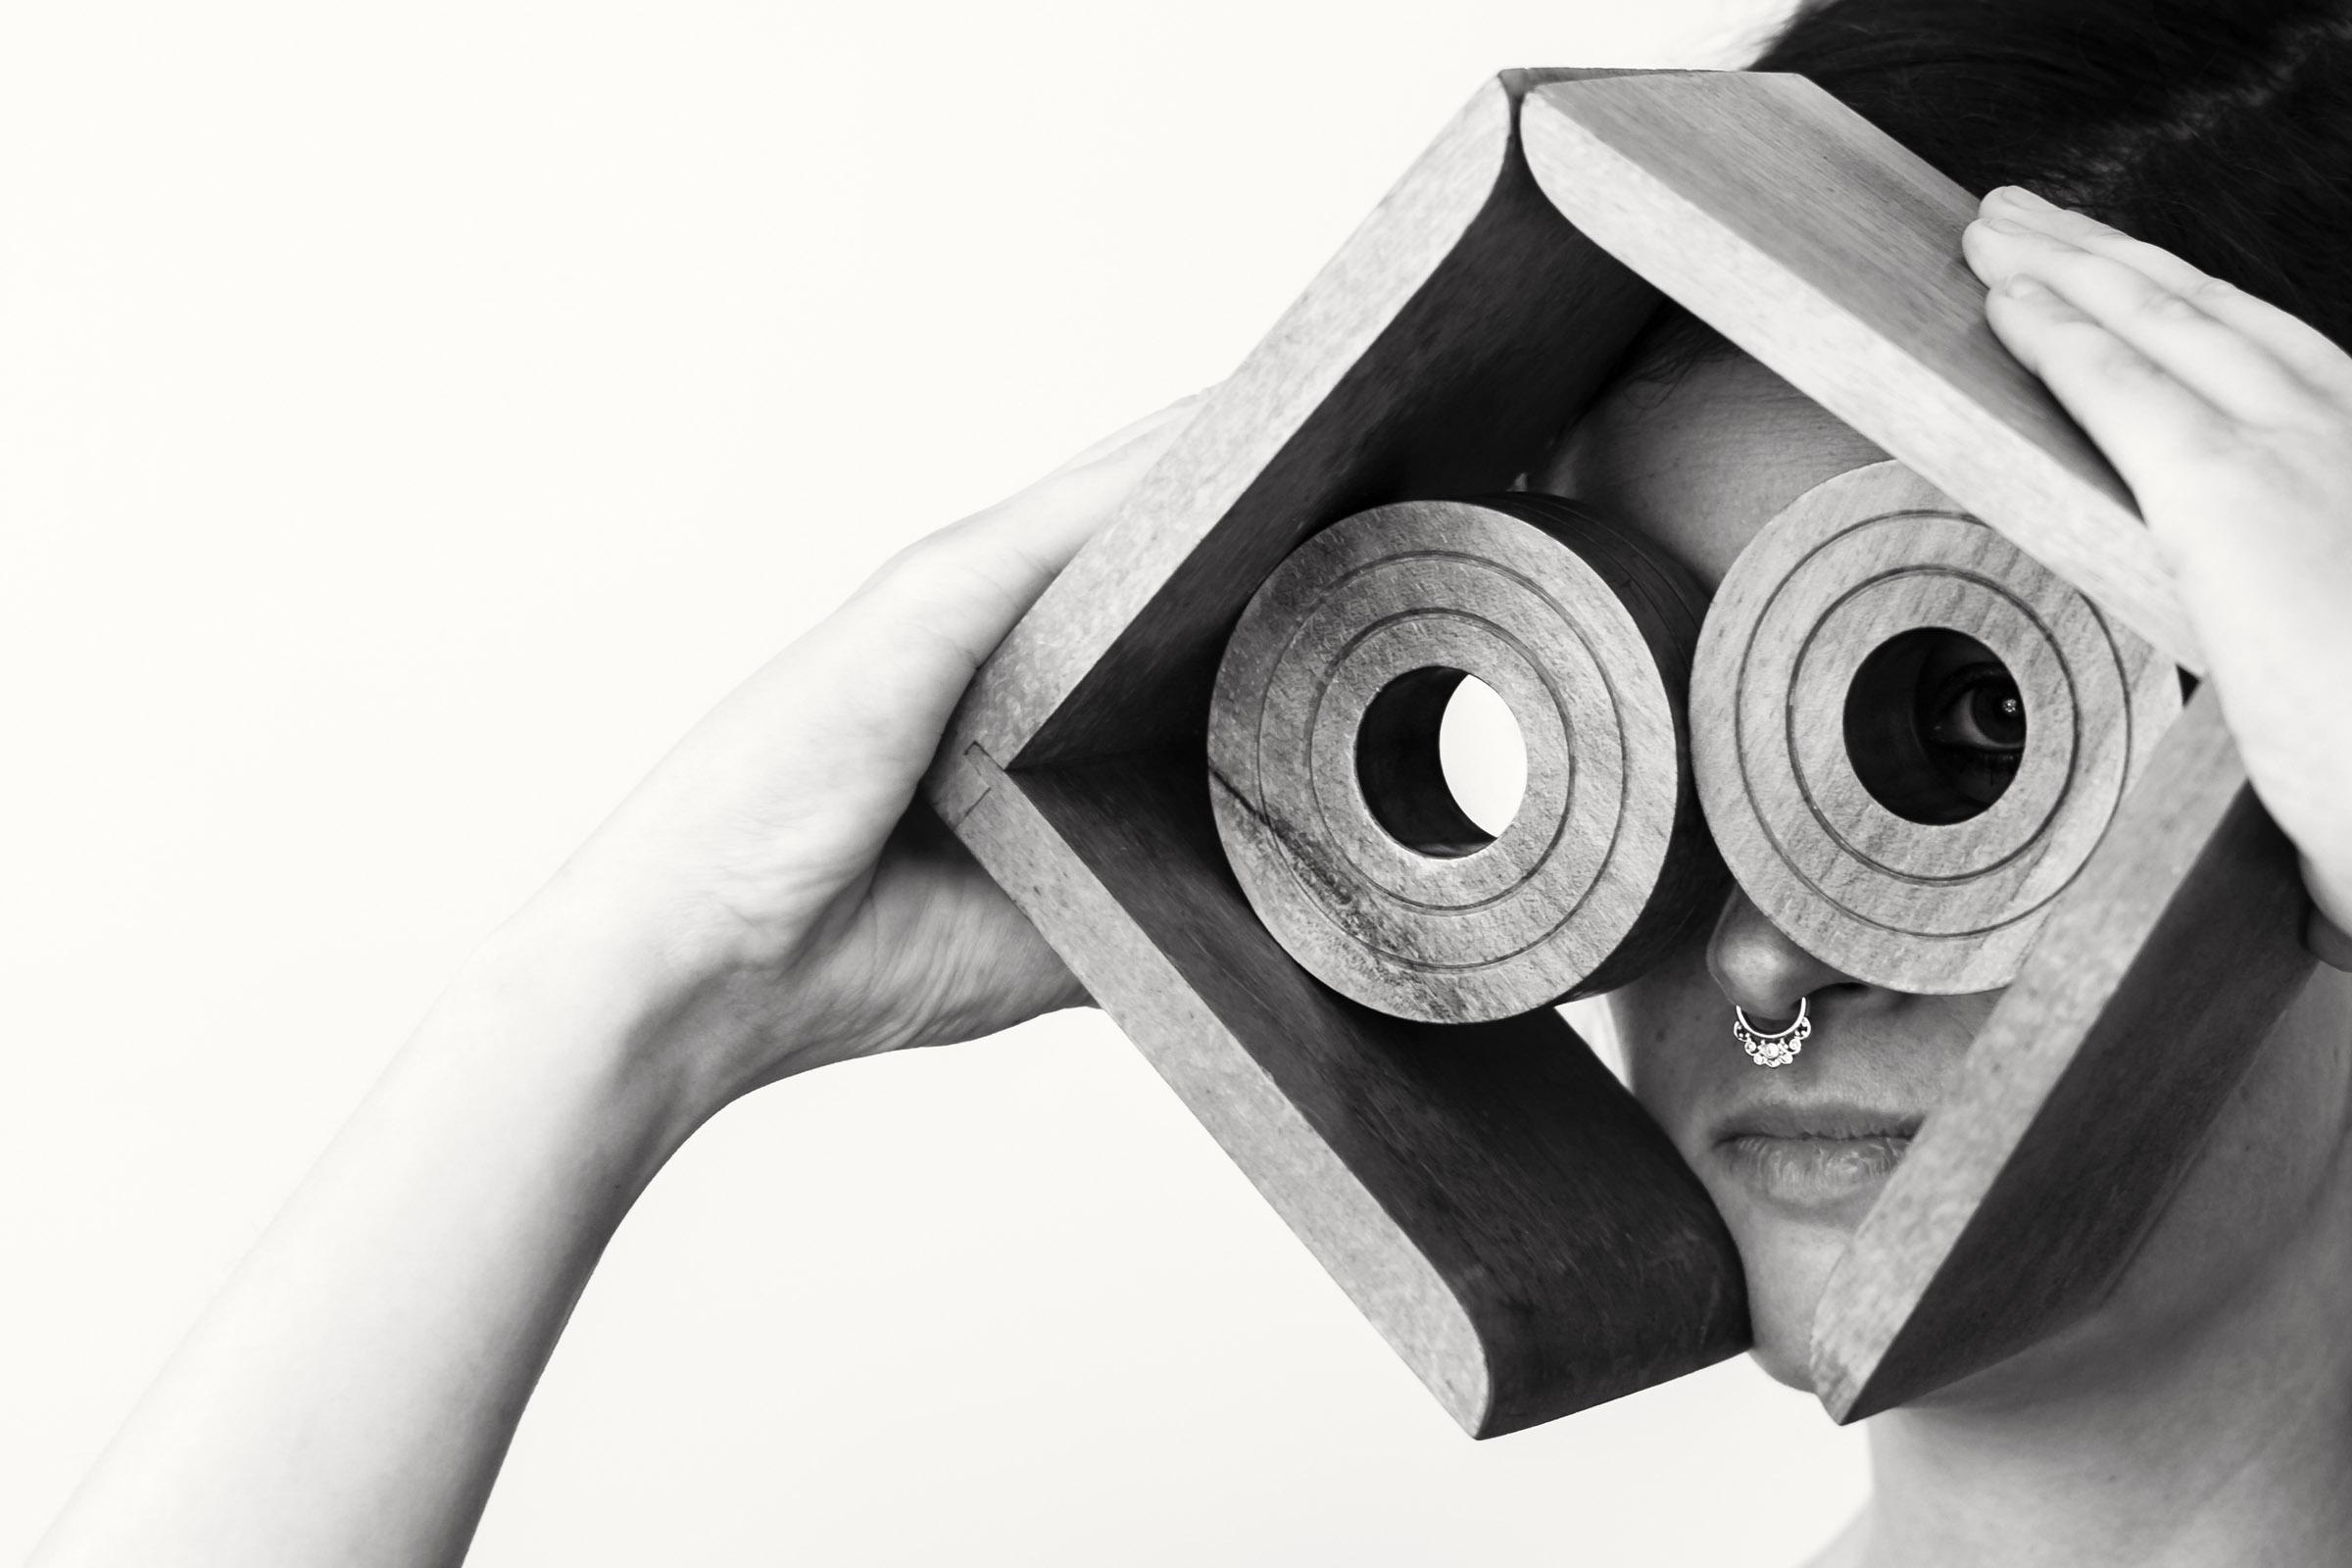 """Eine Frau hält Buchstützen aus Holz vor ihr Gesicht. Durch die """"Gucklöcher"""" der runden Holzstücke schaut sie in die Ferne. Schwarz-weiß-Fotografie von Fotografin Astrid Schulz, Bremen."""